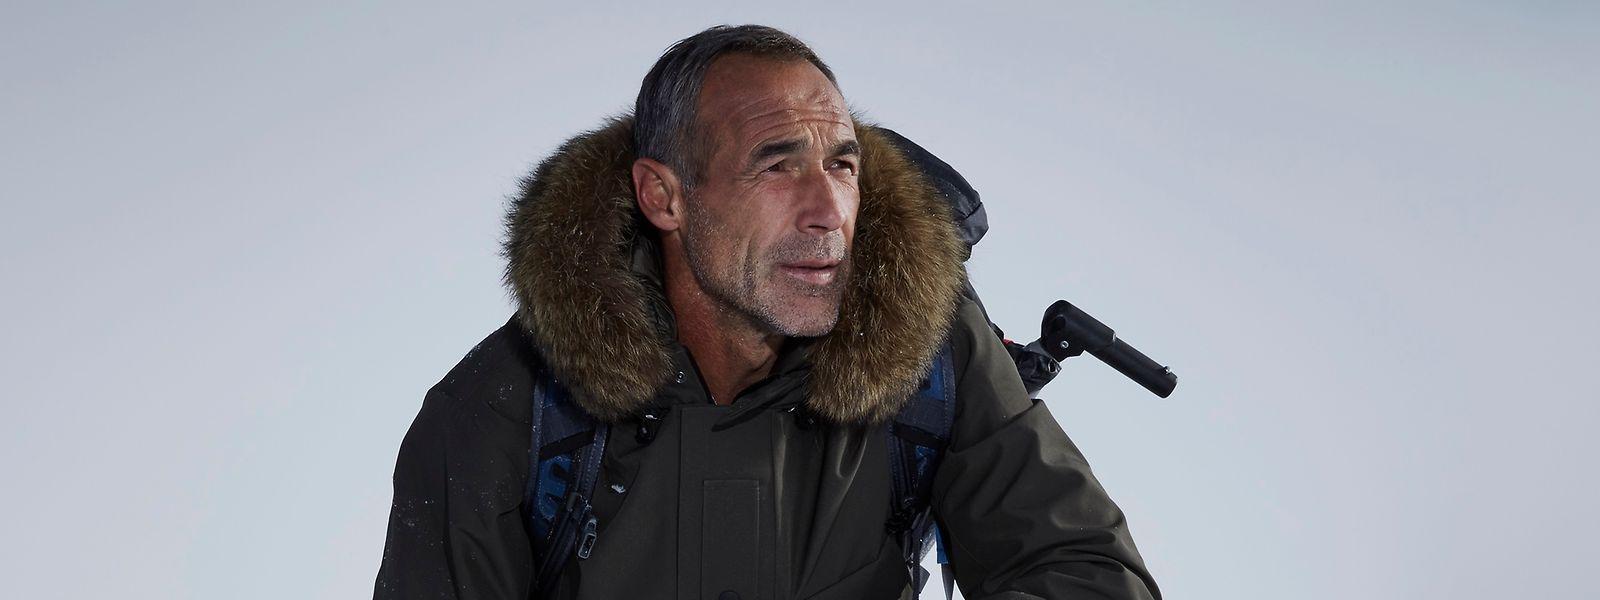 Extrem-Abenteurer und Uhrenbotschafter Mike Horn setzt seine Träume auf knallharten Touren mit Stärke und Entschlossenheit in die Tat um.